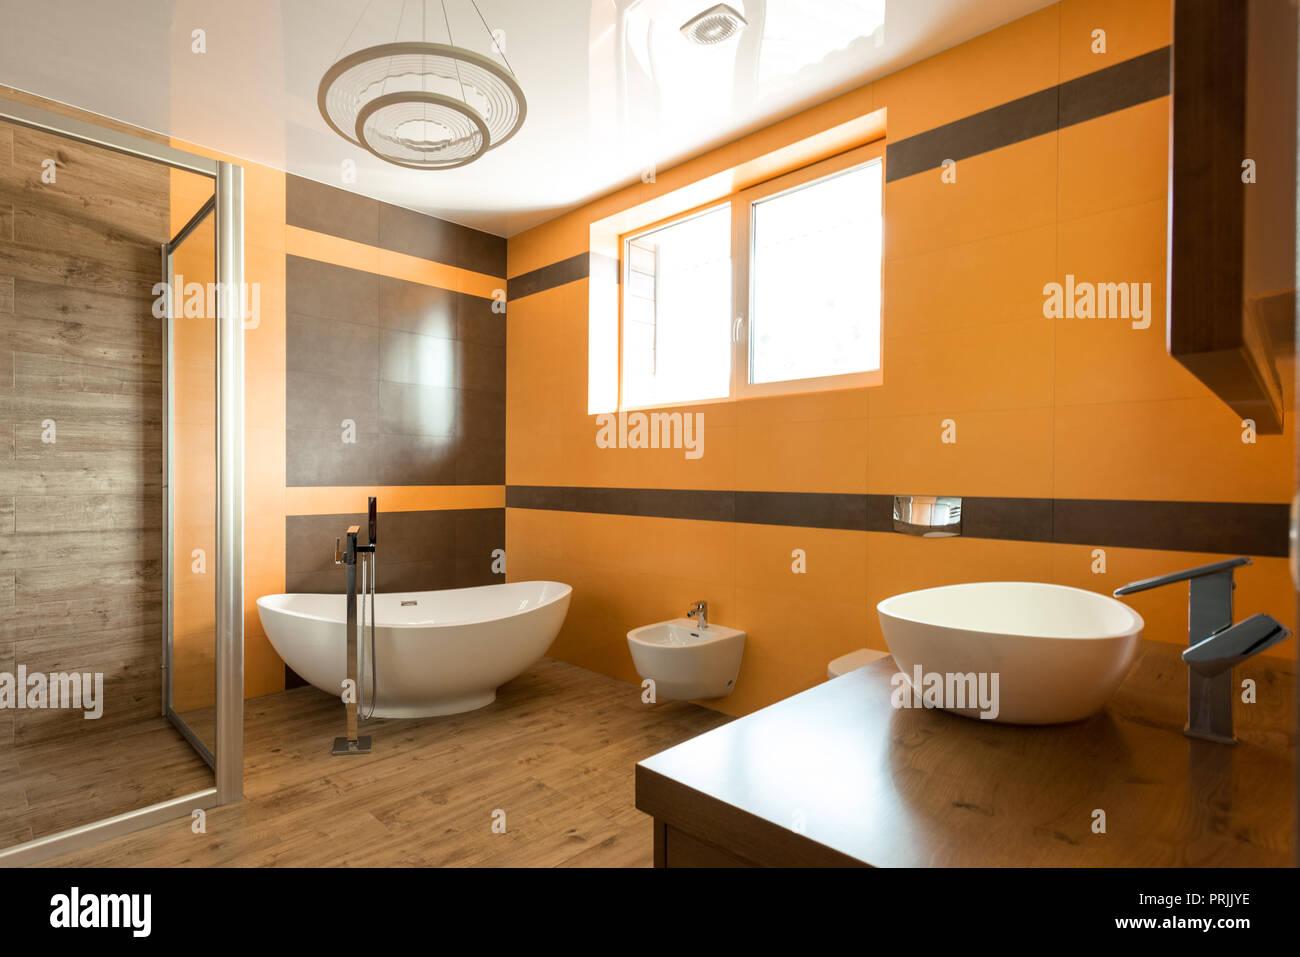 Intérieur de salle de bains en orange et blanc avec baignoire ...